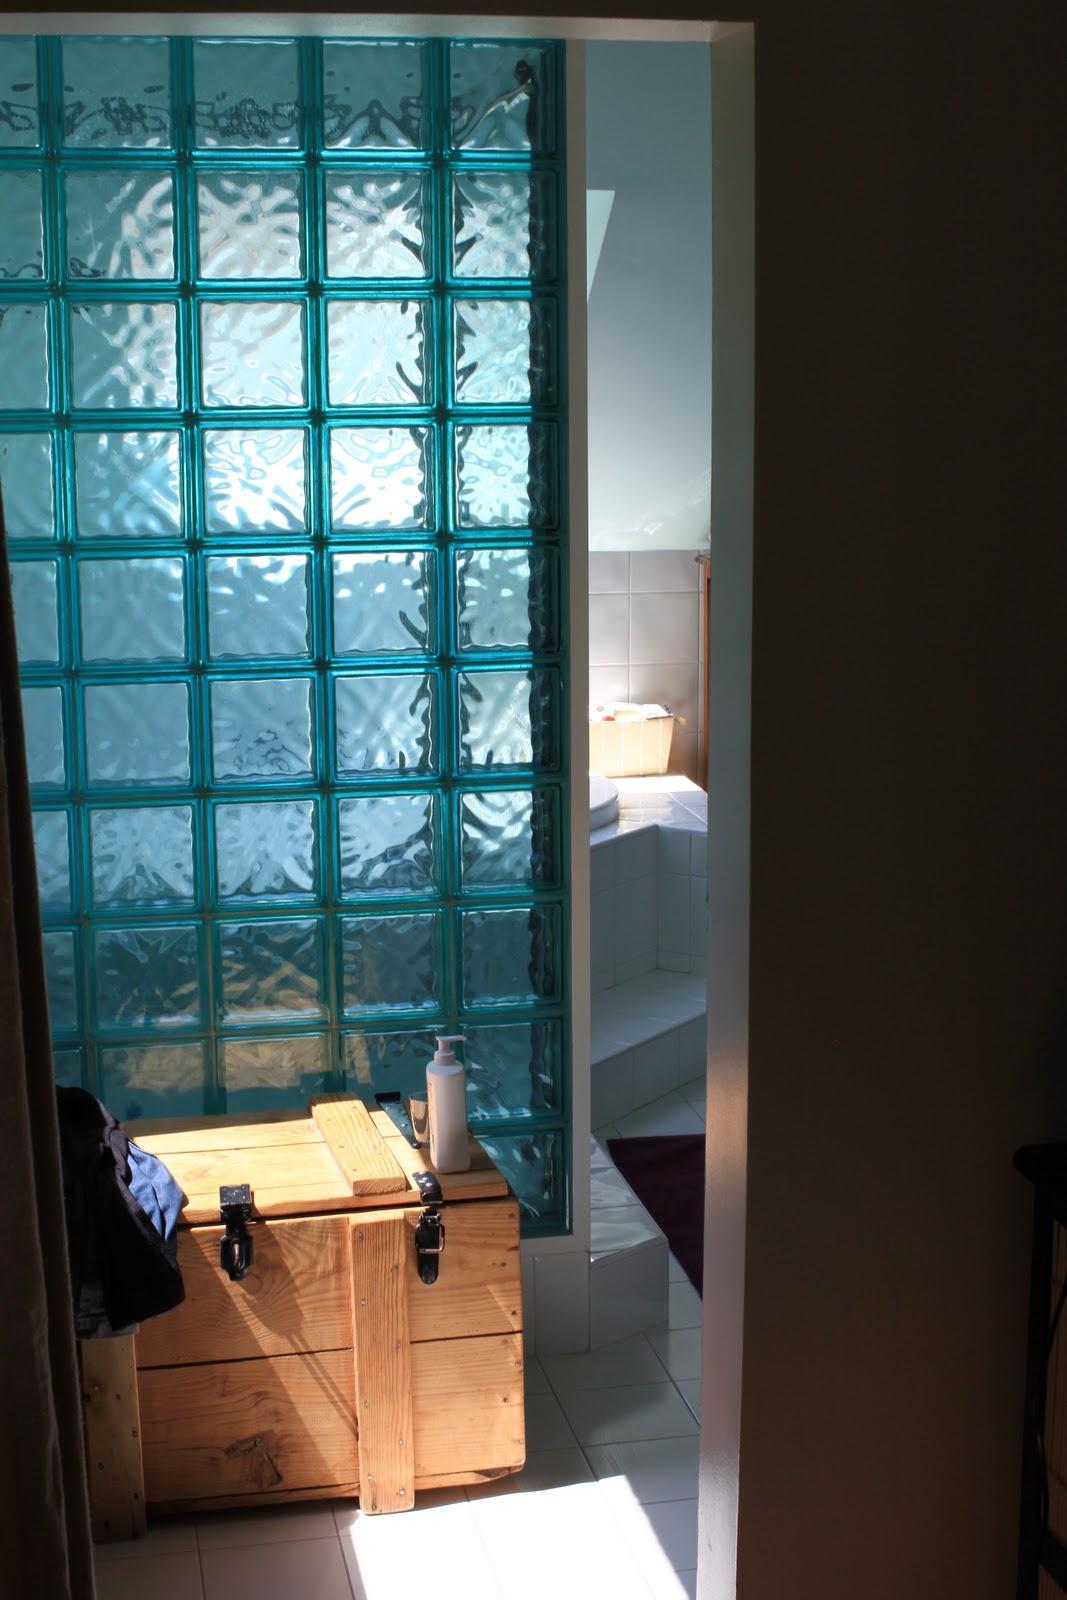 #9A5C31 Indogate.com Chambre Avec Salle De Bain Et Dressing 3093 Plan Suite Parentale Avec Salle De Bain Et Dressing 20m2 1067x1600 px @ aertt.com